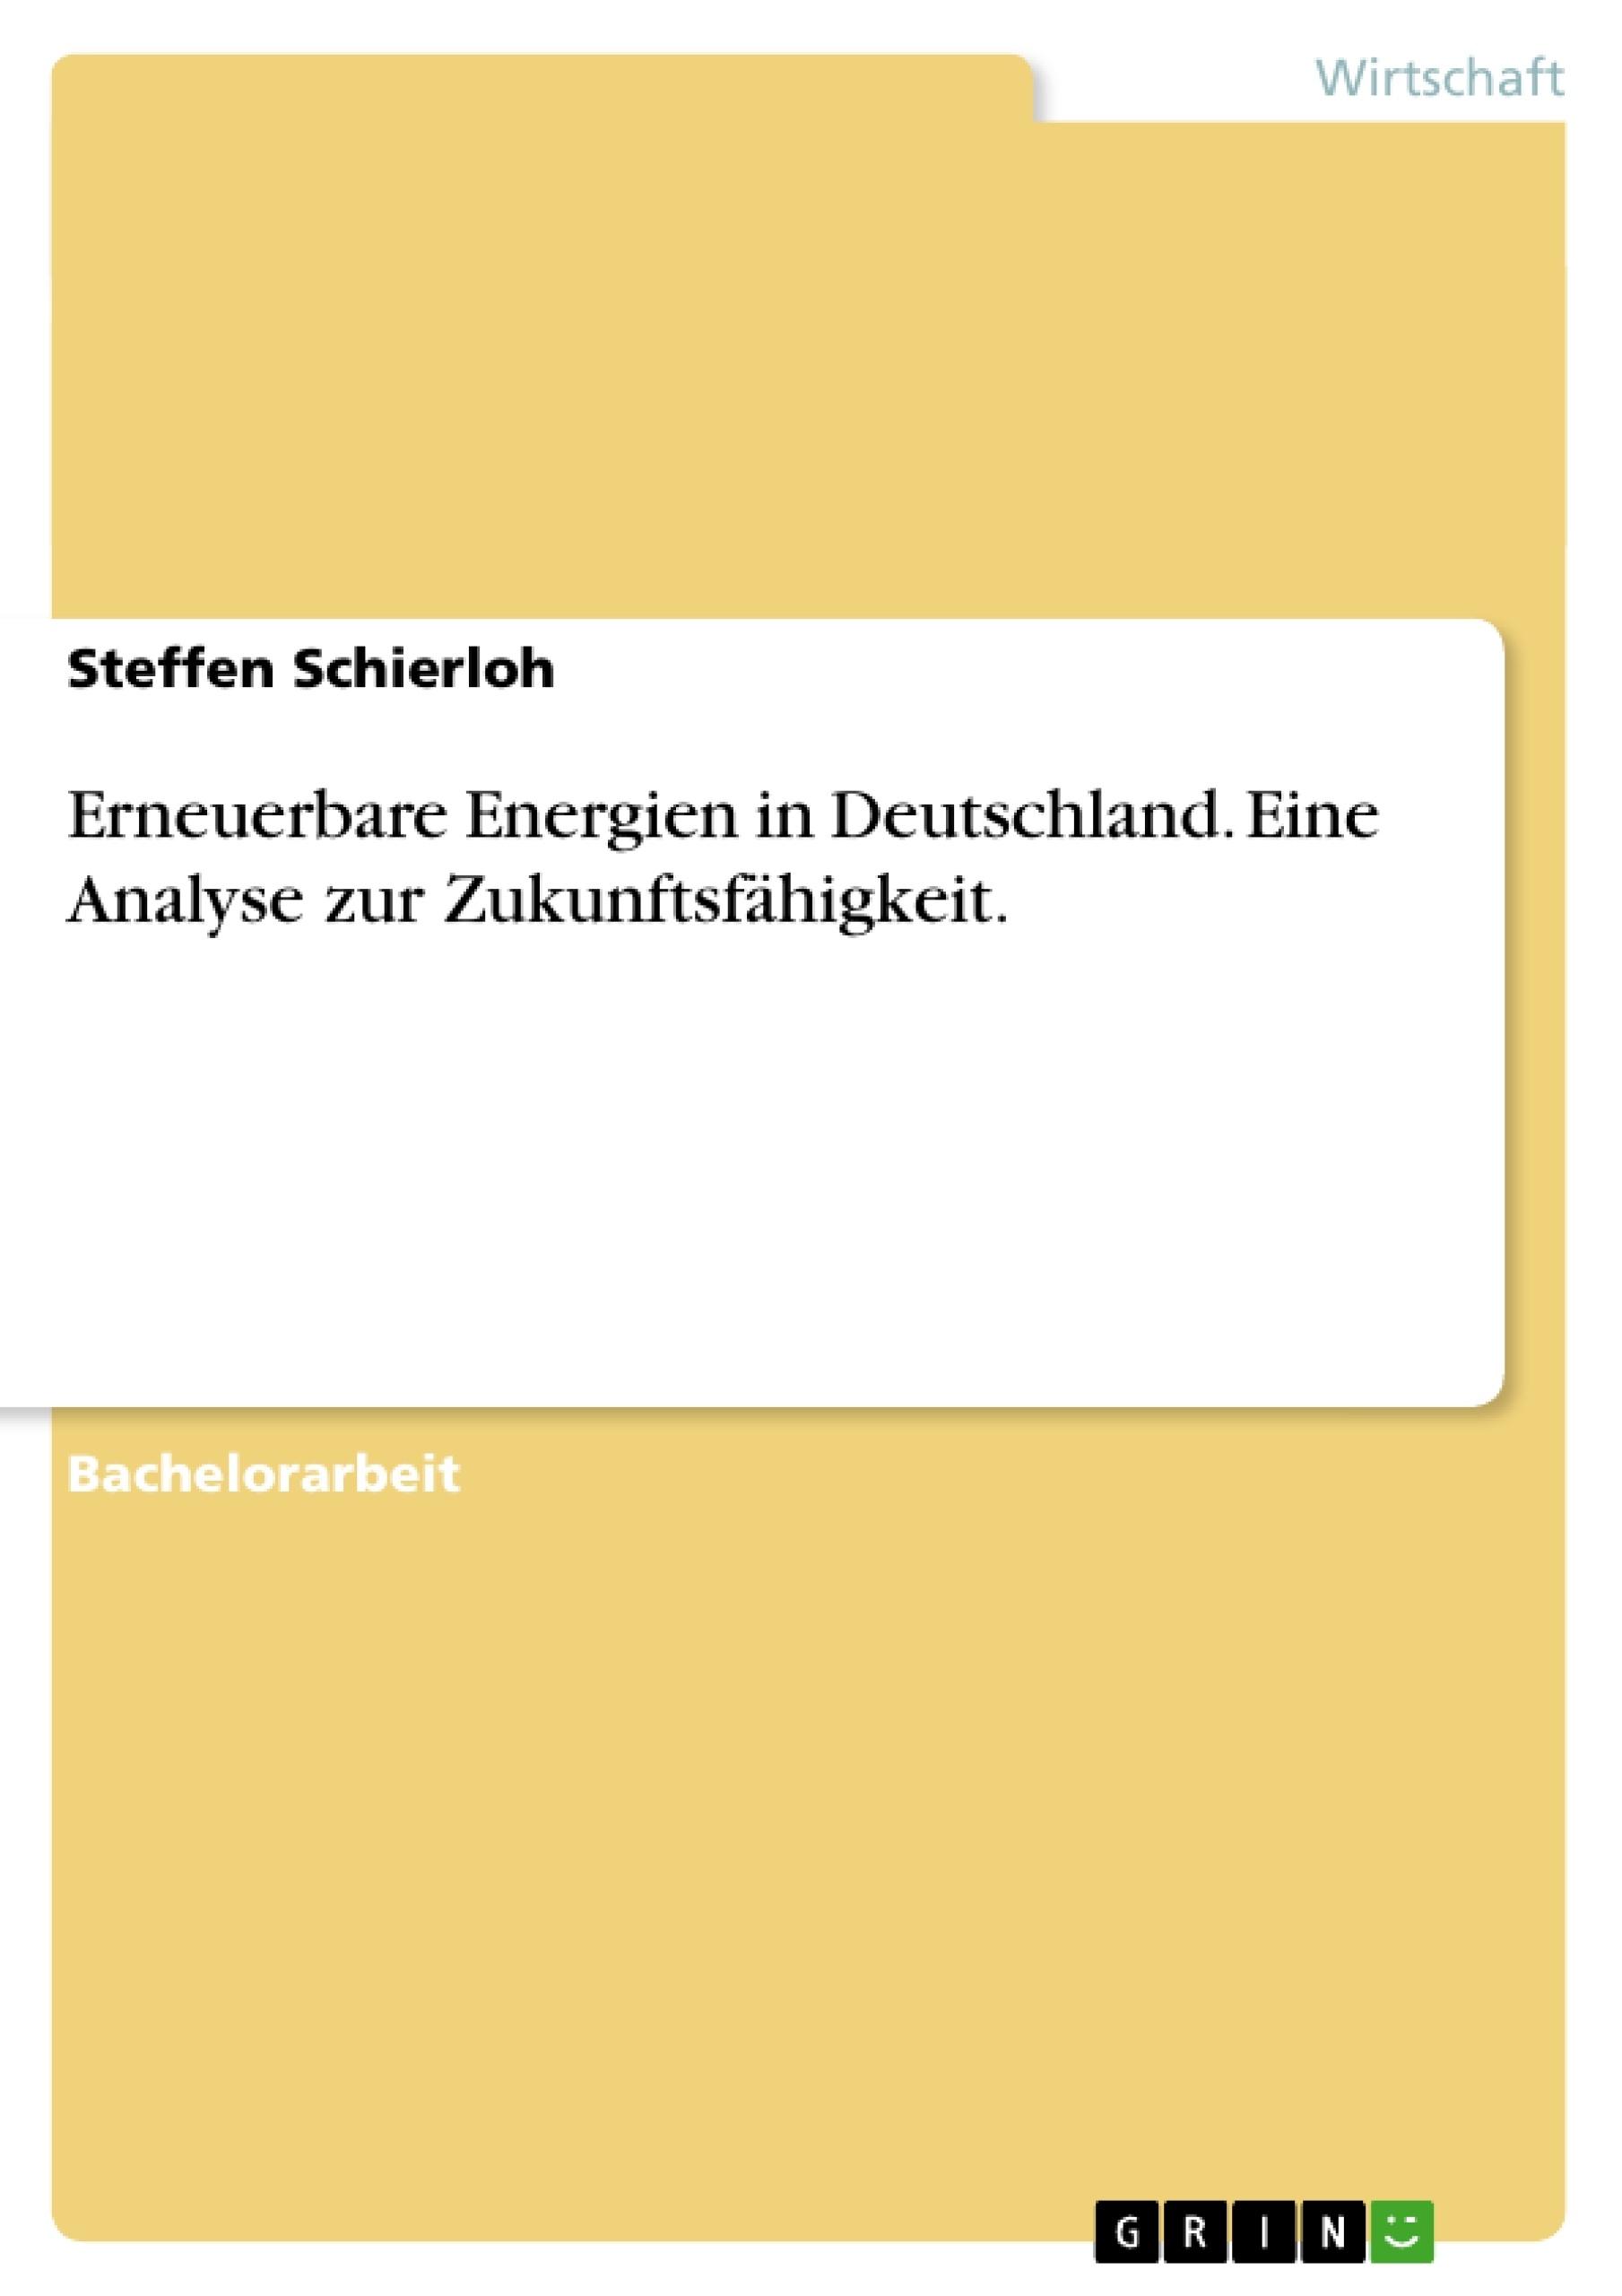 Titel: Erneuerbare Energien in Deutschland. Eine Analyse zur Zukunftsfähigkeit.